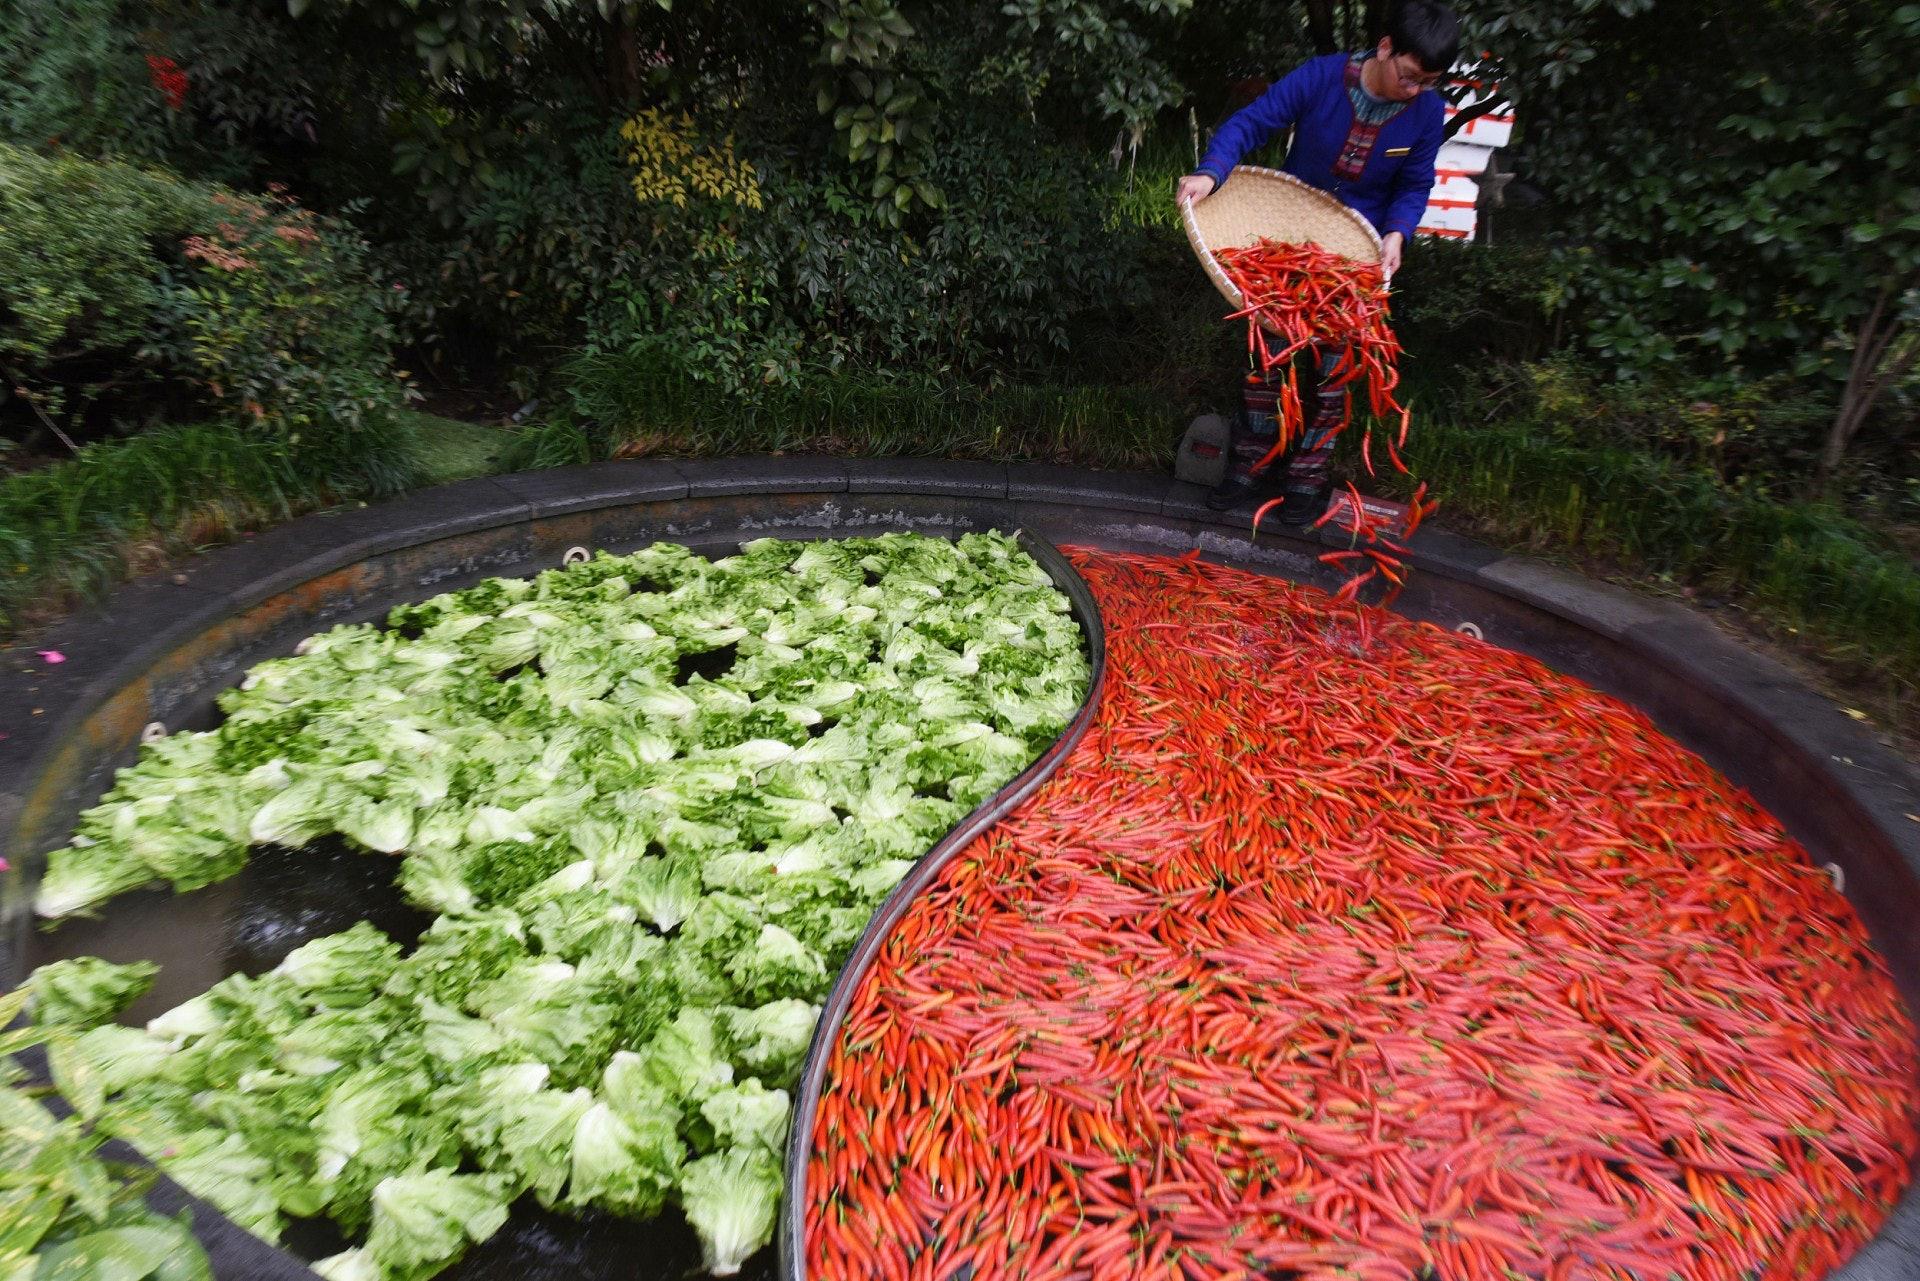 杭州一間酒店推出鴛鴦火鍋溫泉,讓旅客一邊浸泡一邊吃火鍋。(視覺中國)